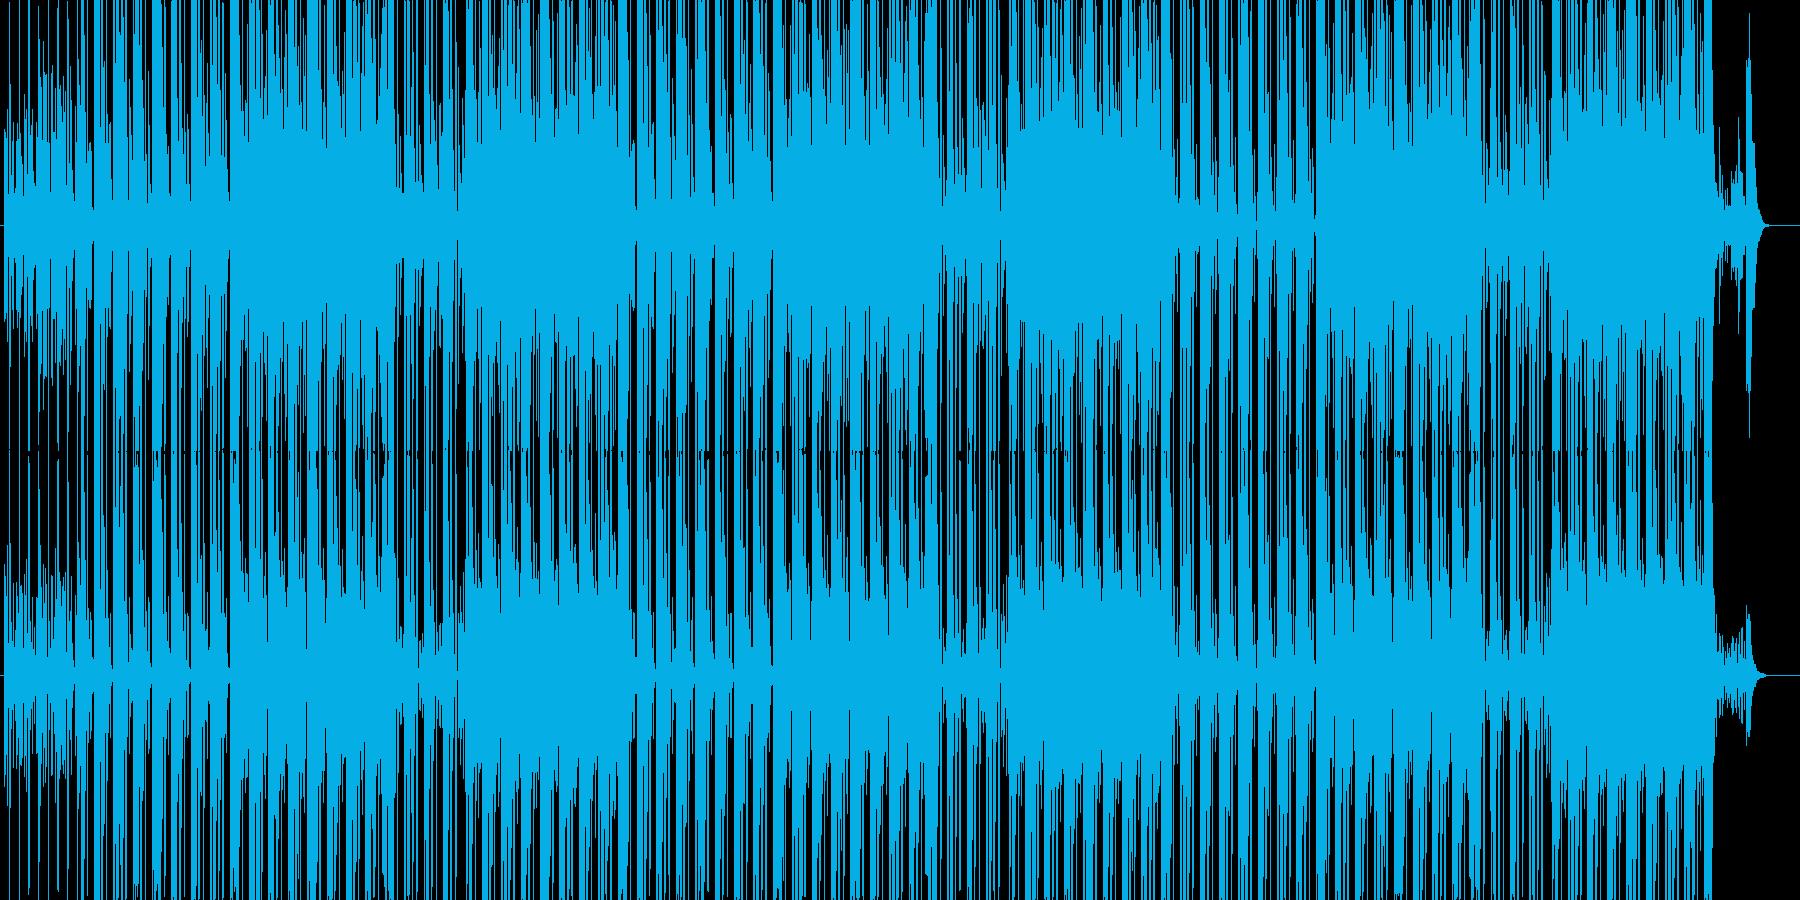 個性的なHIPHOPビートの再生済みの波形